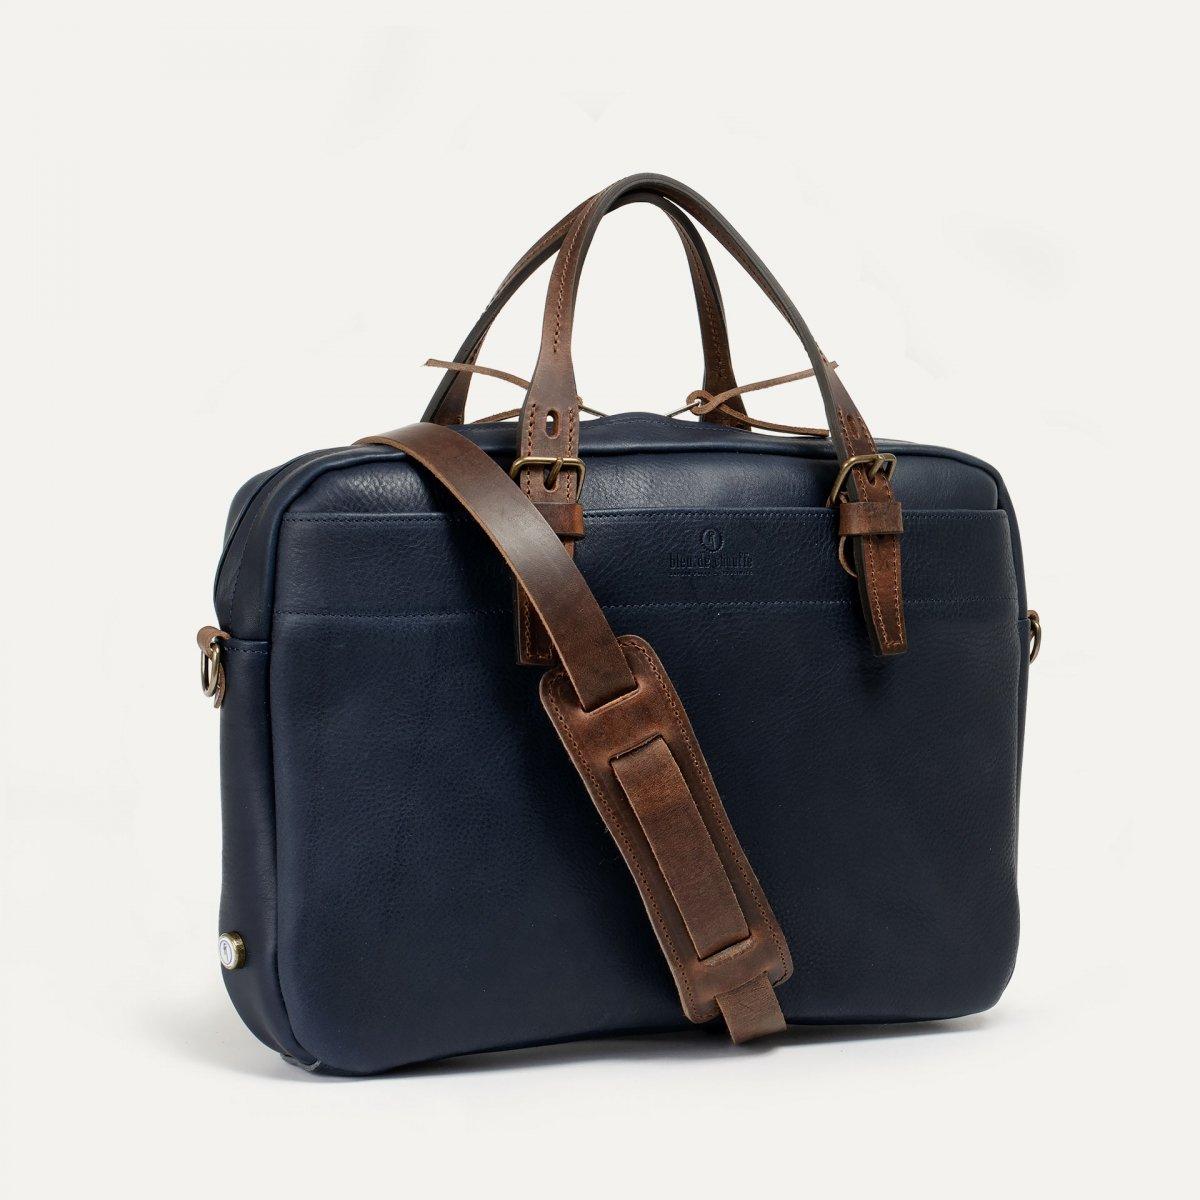 Folder Business bag - Navy Blue (image n°2)